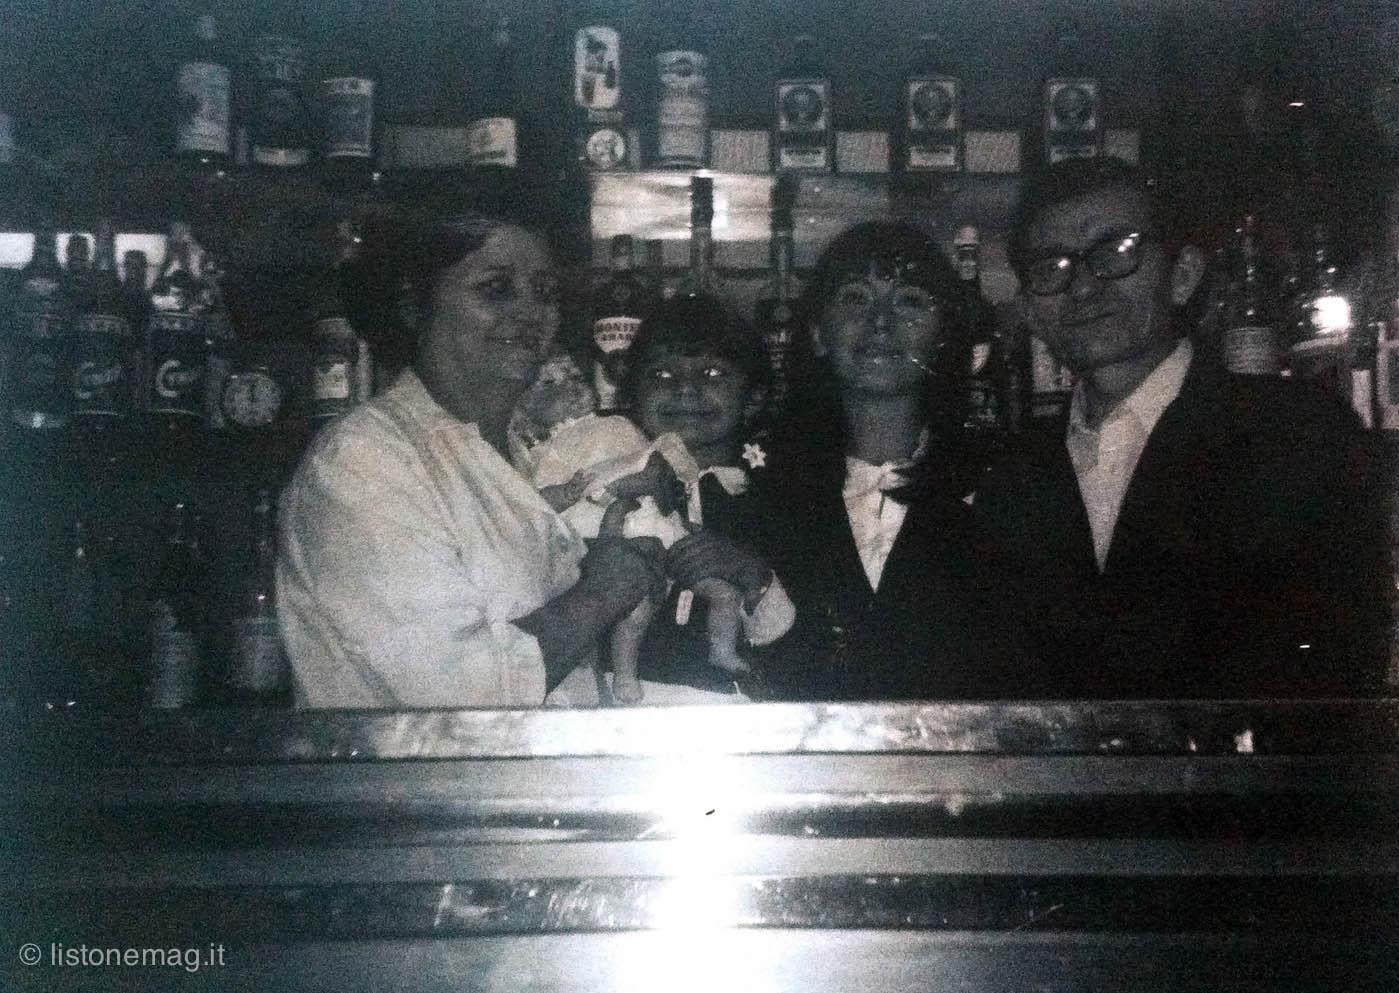 Noemi, Maria Cristina, Afra, Wilman, in una polaroid del 1940 nella trattoria di Via Ragno